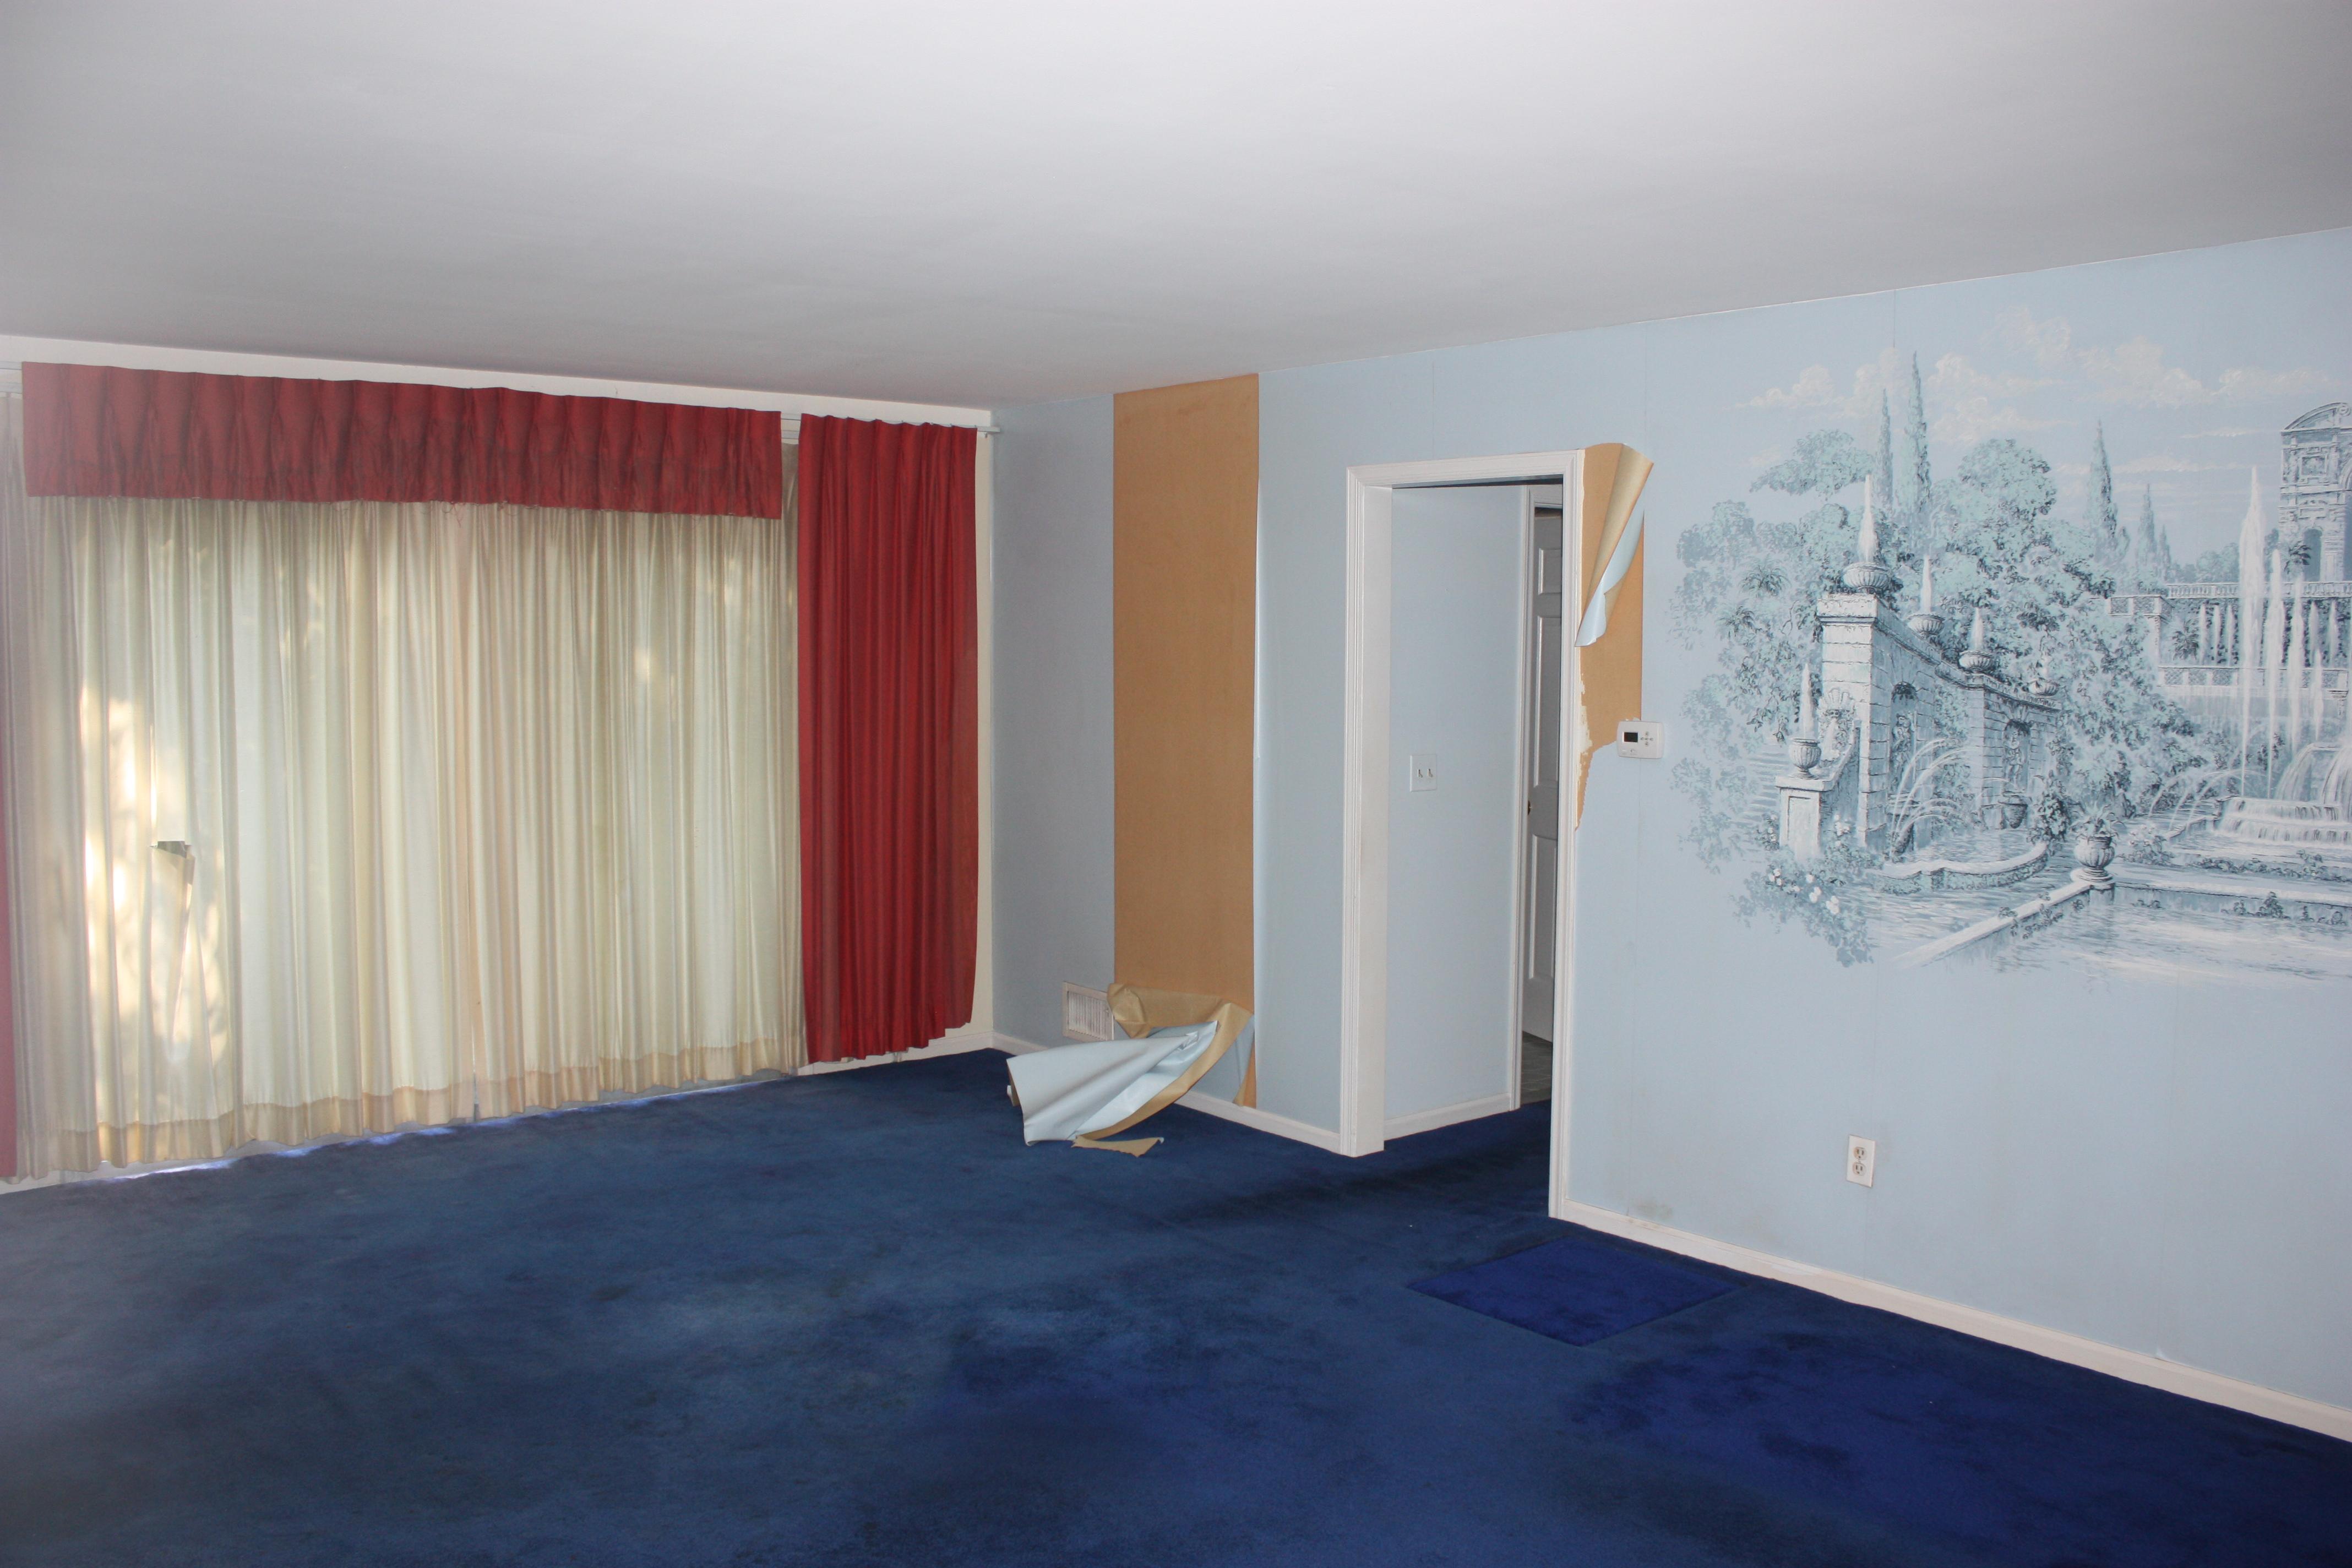 Before – Original Living Room